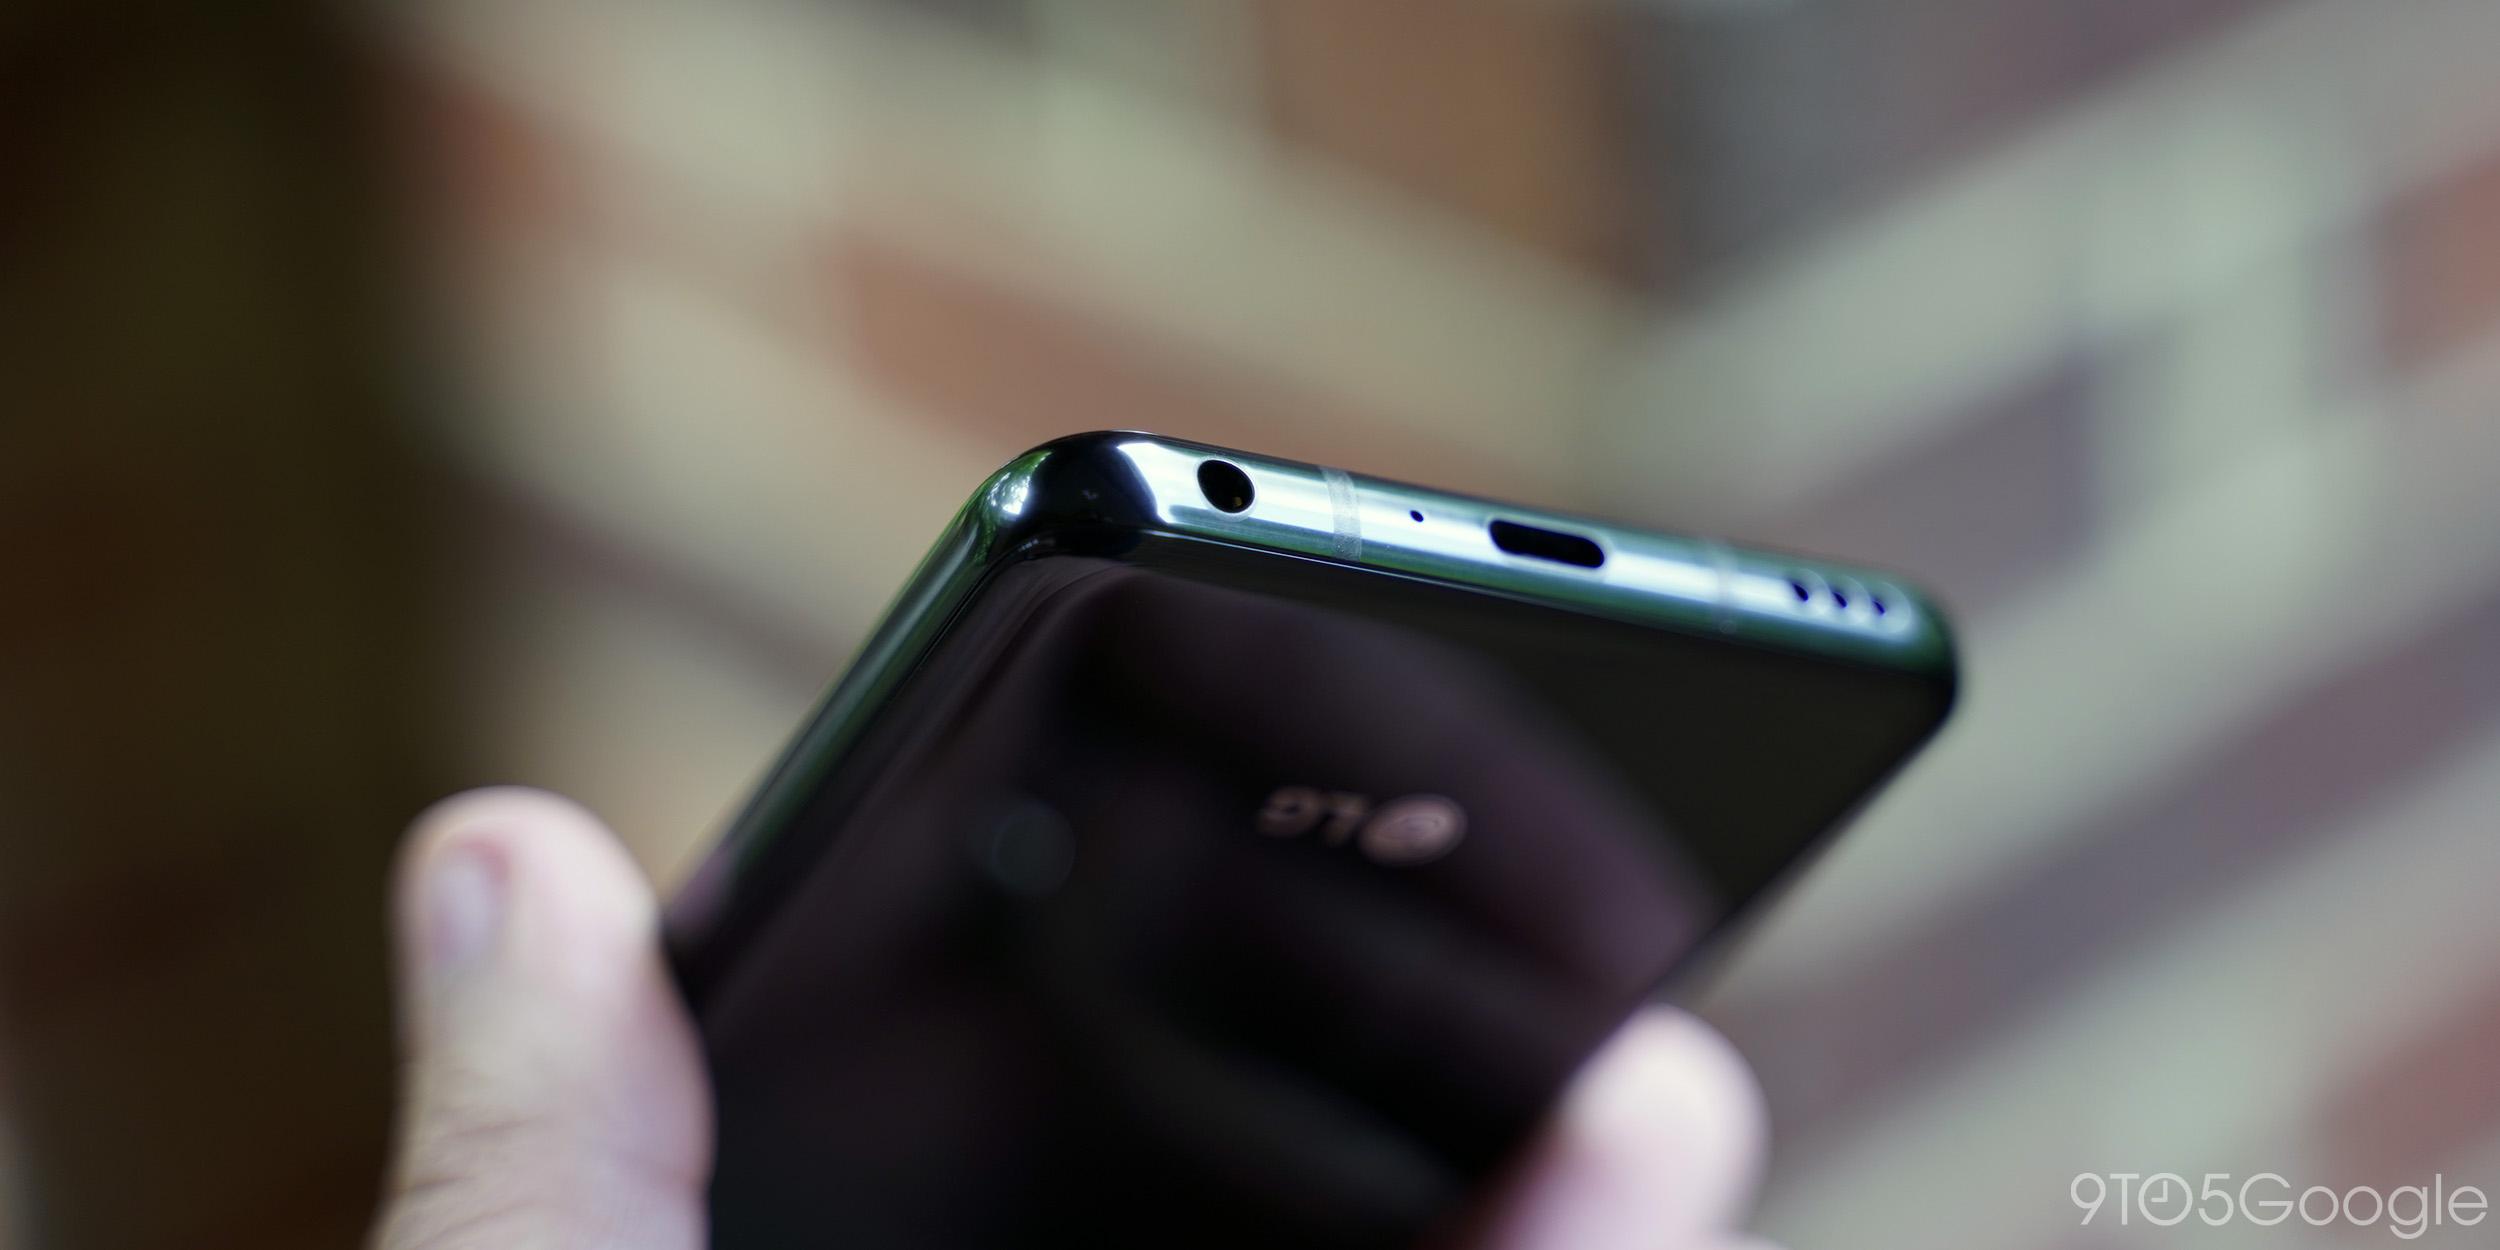 Test: Das LG G8 ThinQ ist ein Handy voller guter Ideen, die von allen schlechten ruiniert wurden